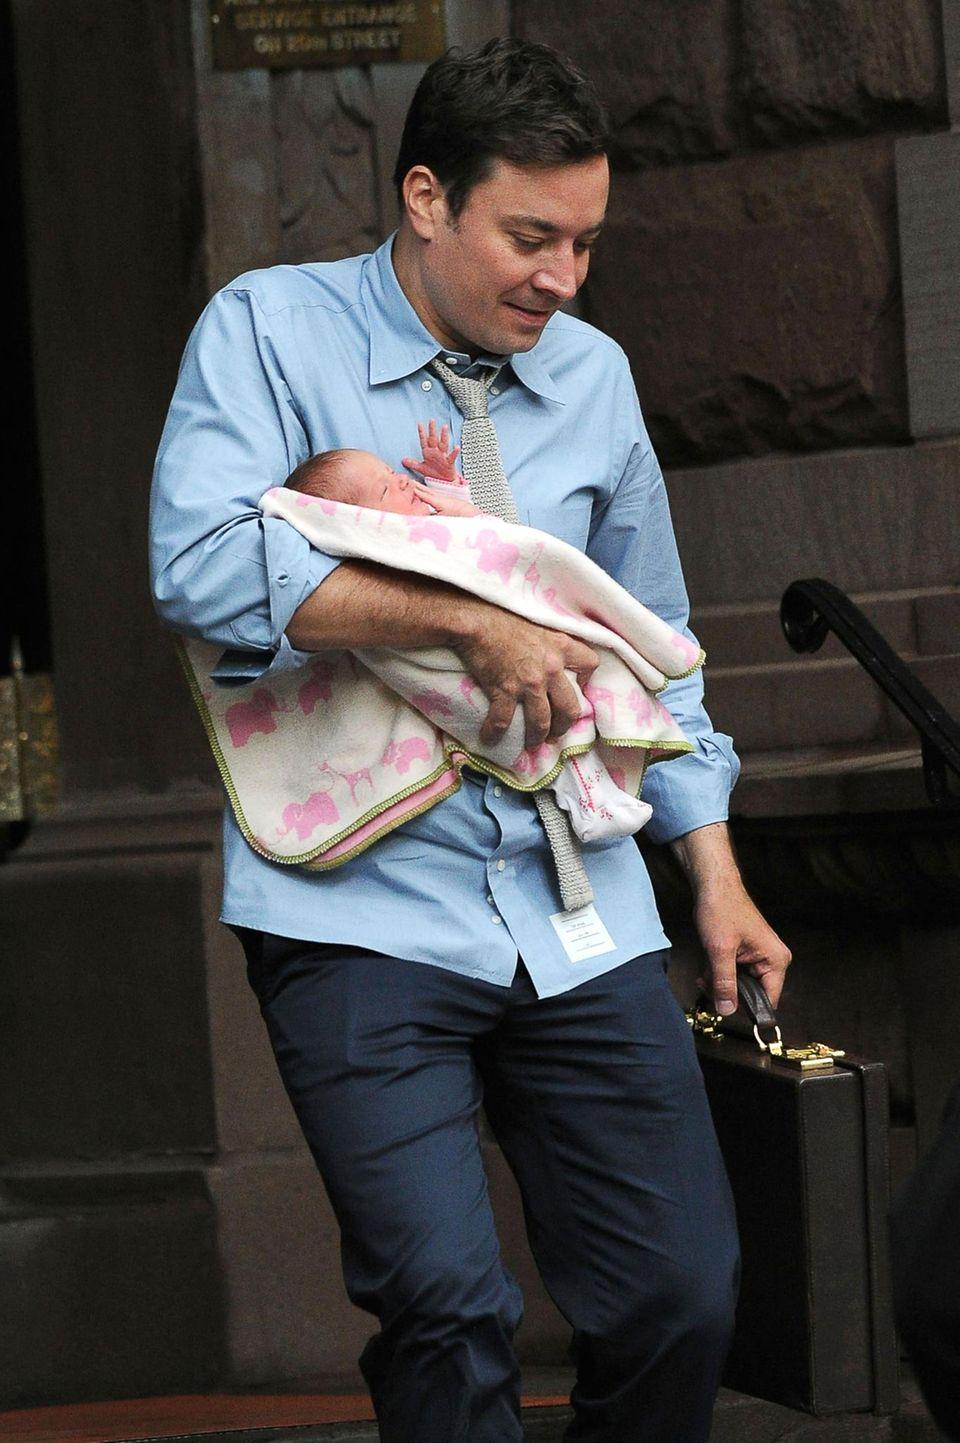 8. August 2013: In der einen Hand den Aktenkoffer, in der anderen Hand seine Tochter Winnie: Jimmy Fallon verlässt sein New Yorker Apartment.